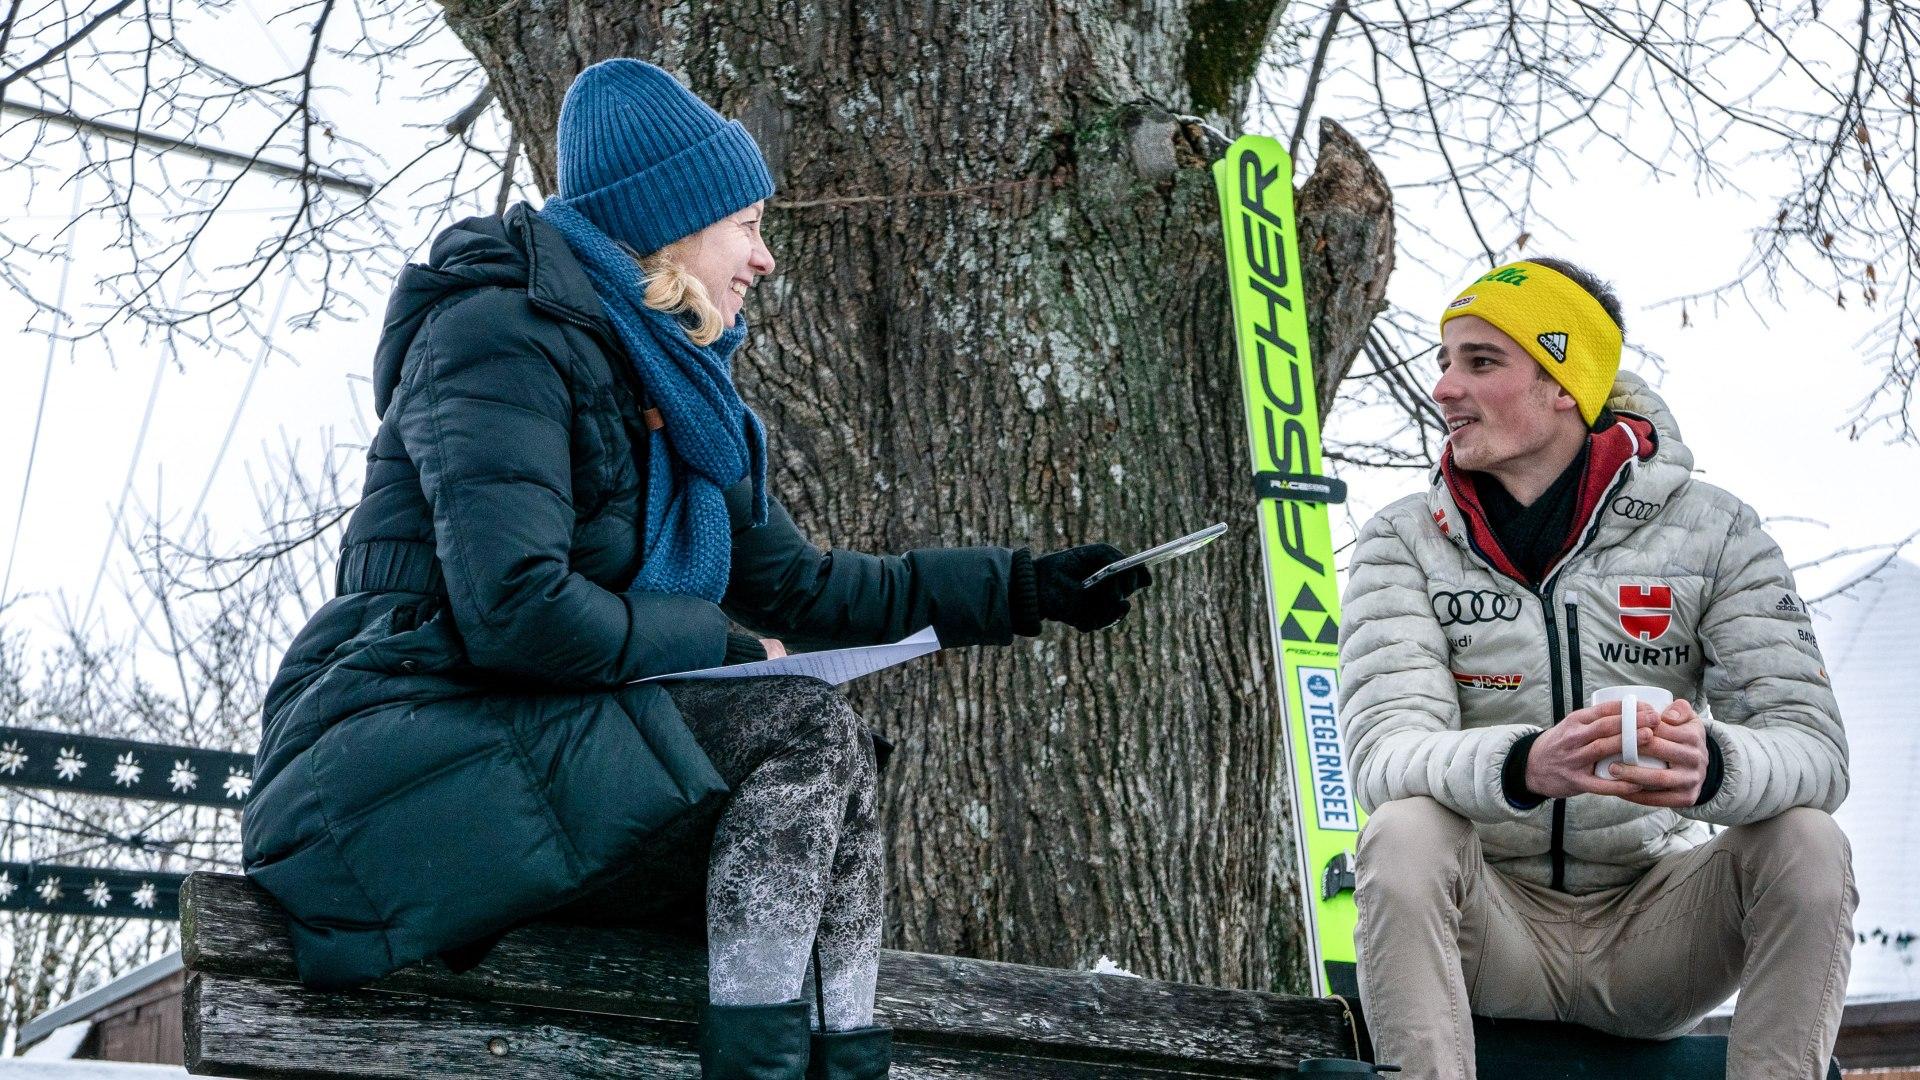 Ines Wagner interviewt Skispringer Moritz Baer, © DER TEGERNSEE, Isabelle Munstermann